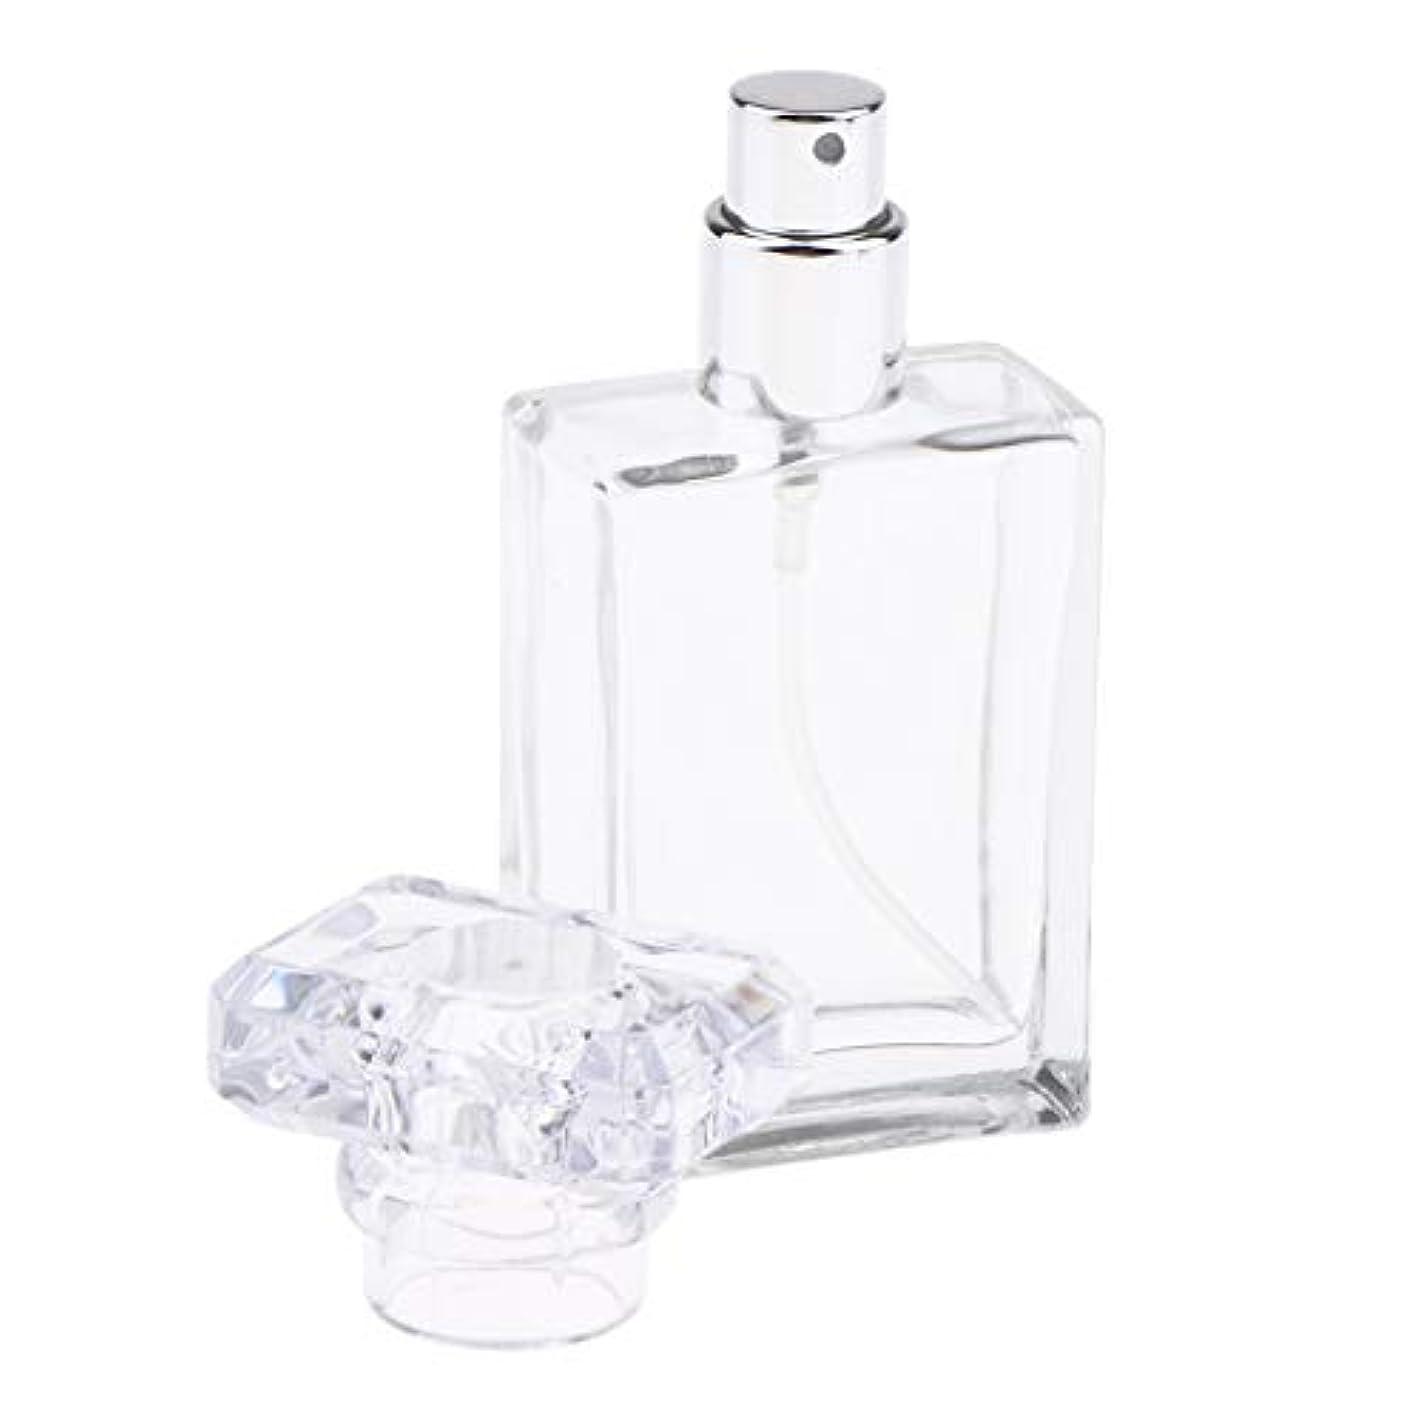 署名沼地化合物SM SunniMix 香水ガラス瓶 ガラスボトル 香水瓶 アトマイザー 空のボトル スプレーボトル 化粧品ボトル 全2色選ぶ - クリア